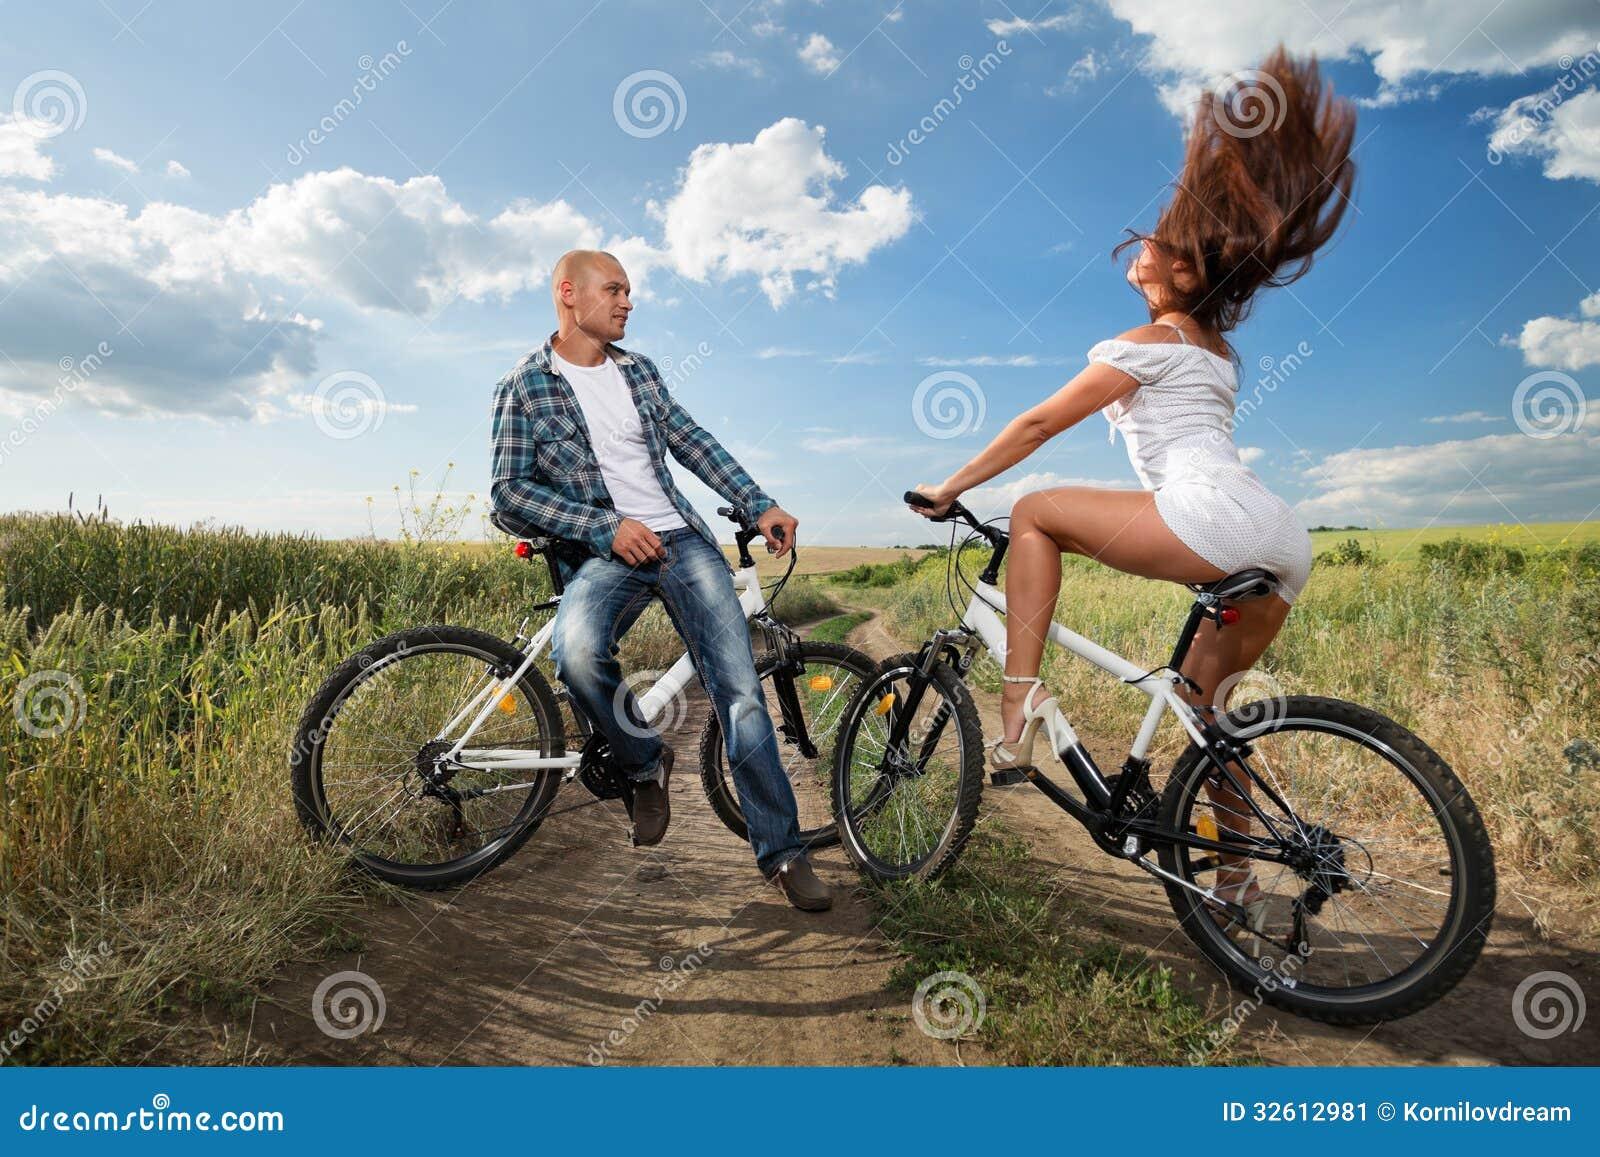 В основном, сновидение, в котором человек может сказать о себе: «еду на велосипеде», означает грядущие негативные перемены в жизни.